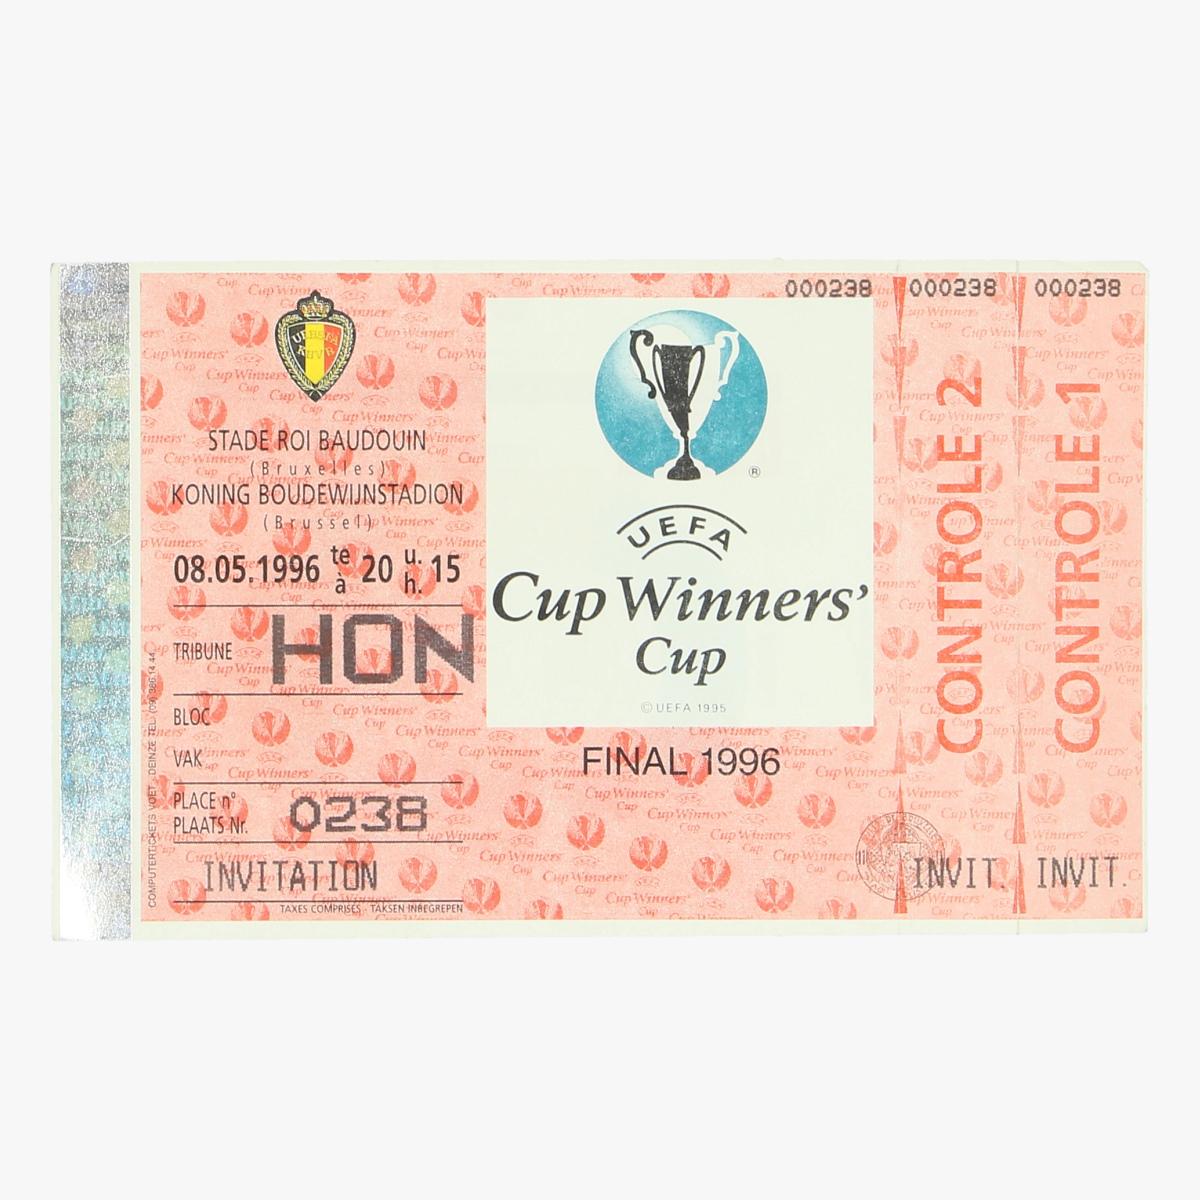 Afbeeldingen van ticket cup winners uefa final 1996 koning boudewijnstadion